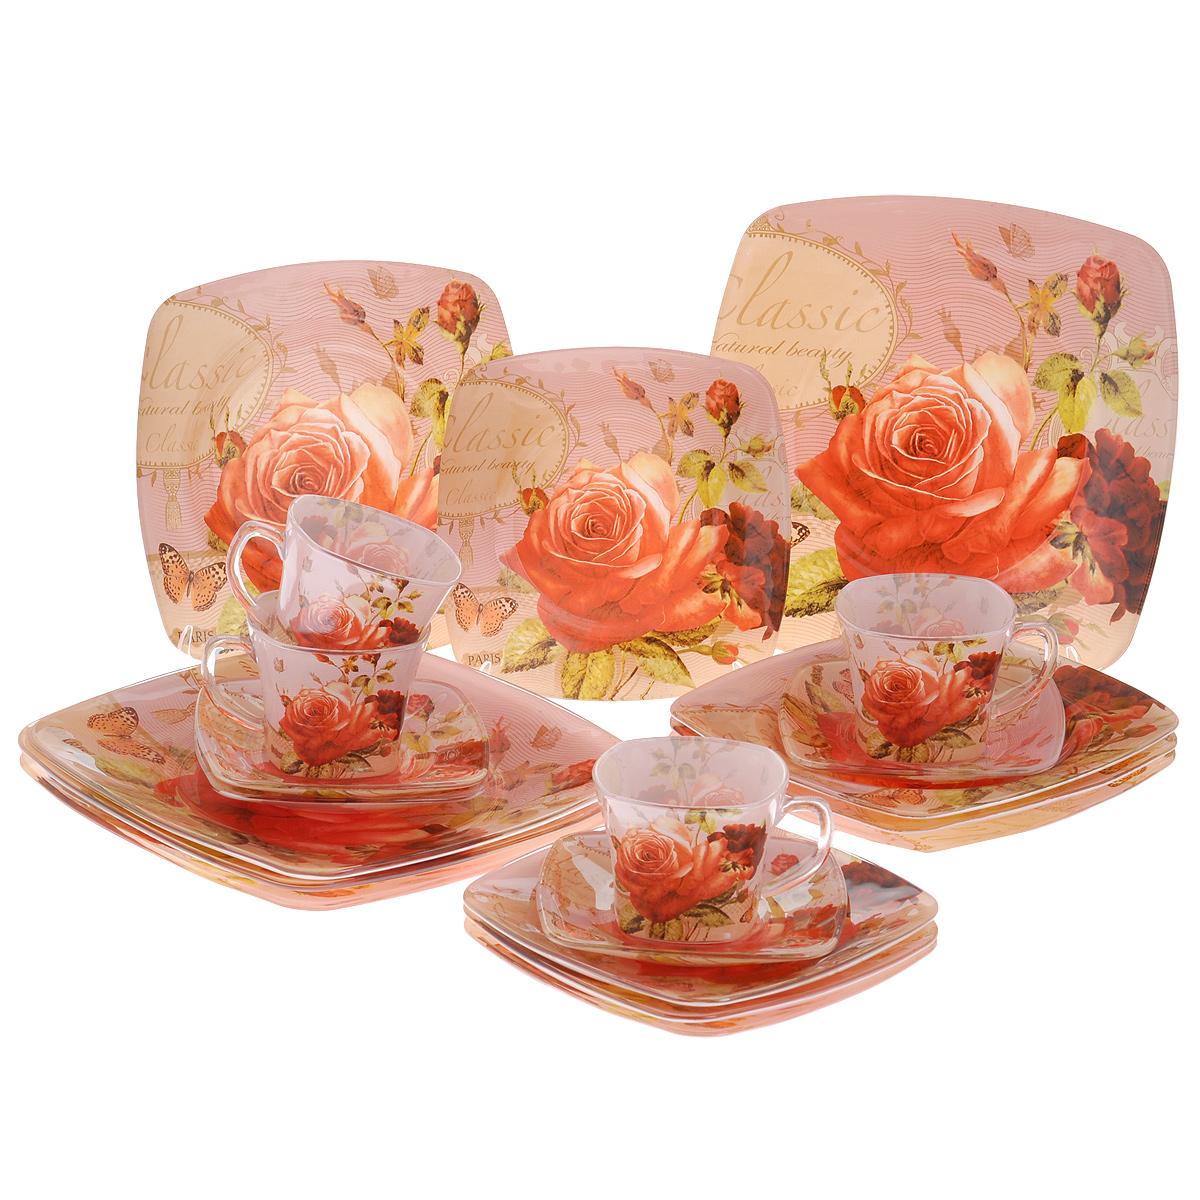 Набор посуды Чайная роза, 20 предметов11607-20Набор посуды состоит из 4 чашек, 4 блюдец, 4 тарелок для супа, 4 обеденных тарелок, 4 десертных тарелок. Изделия выполнены из высококачественного стекла и оформлены изображением розы. Этот набор эффектно украсит стол к обеду, а также прекрасно подойдет для торжественных случаев. Красочность оформления придется по вкусу и ценителям классики, и тем, кто предпочитает утонченность и изящность.